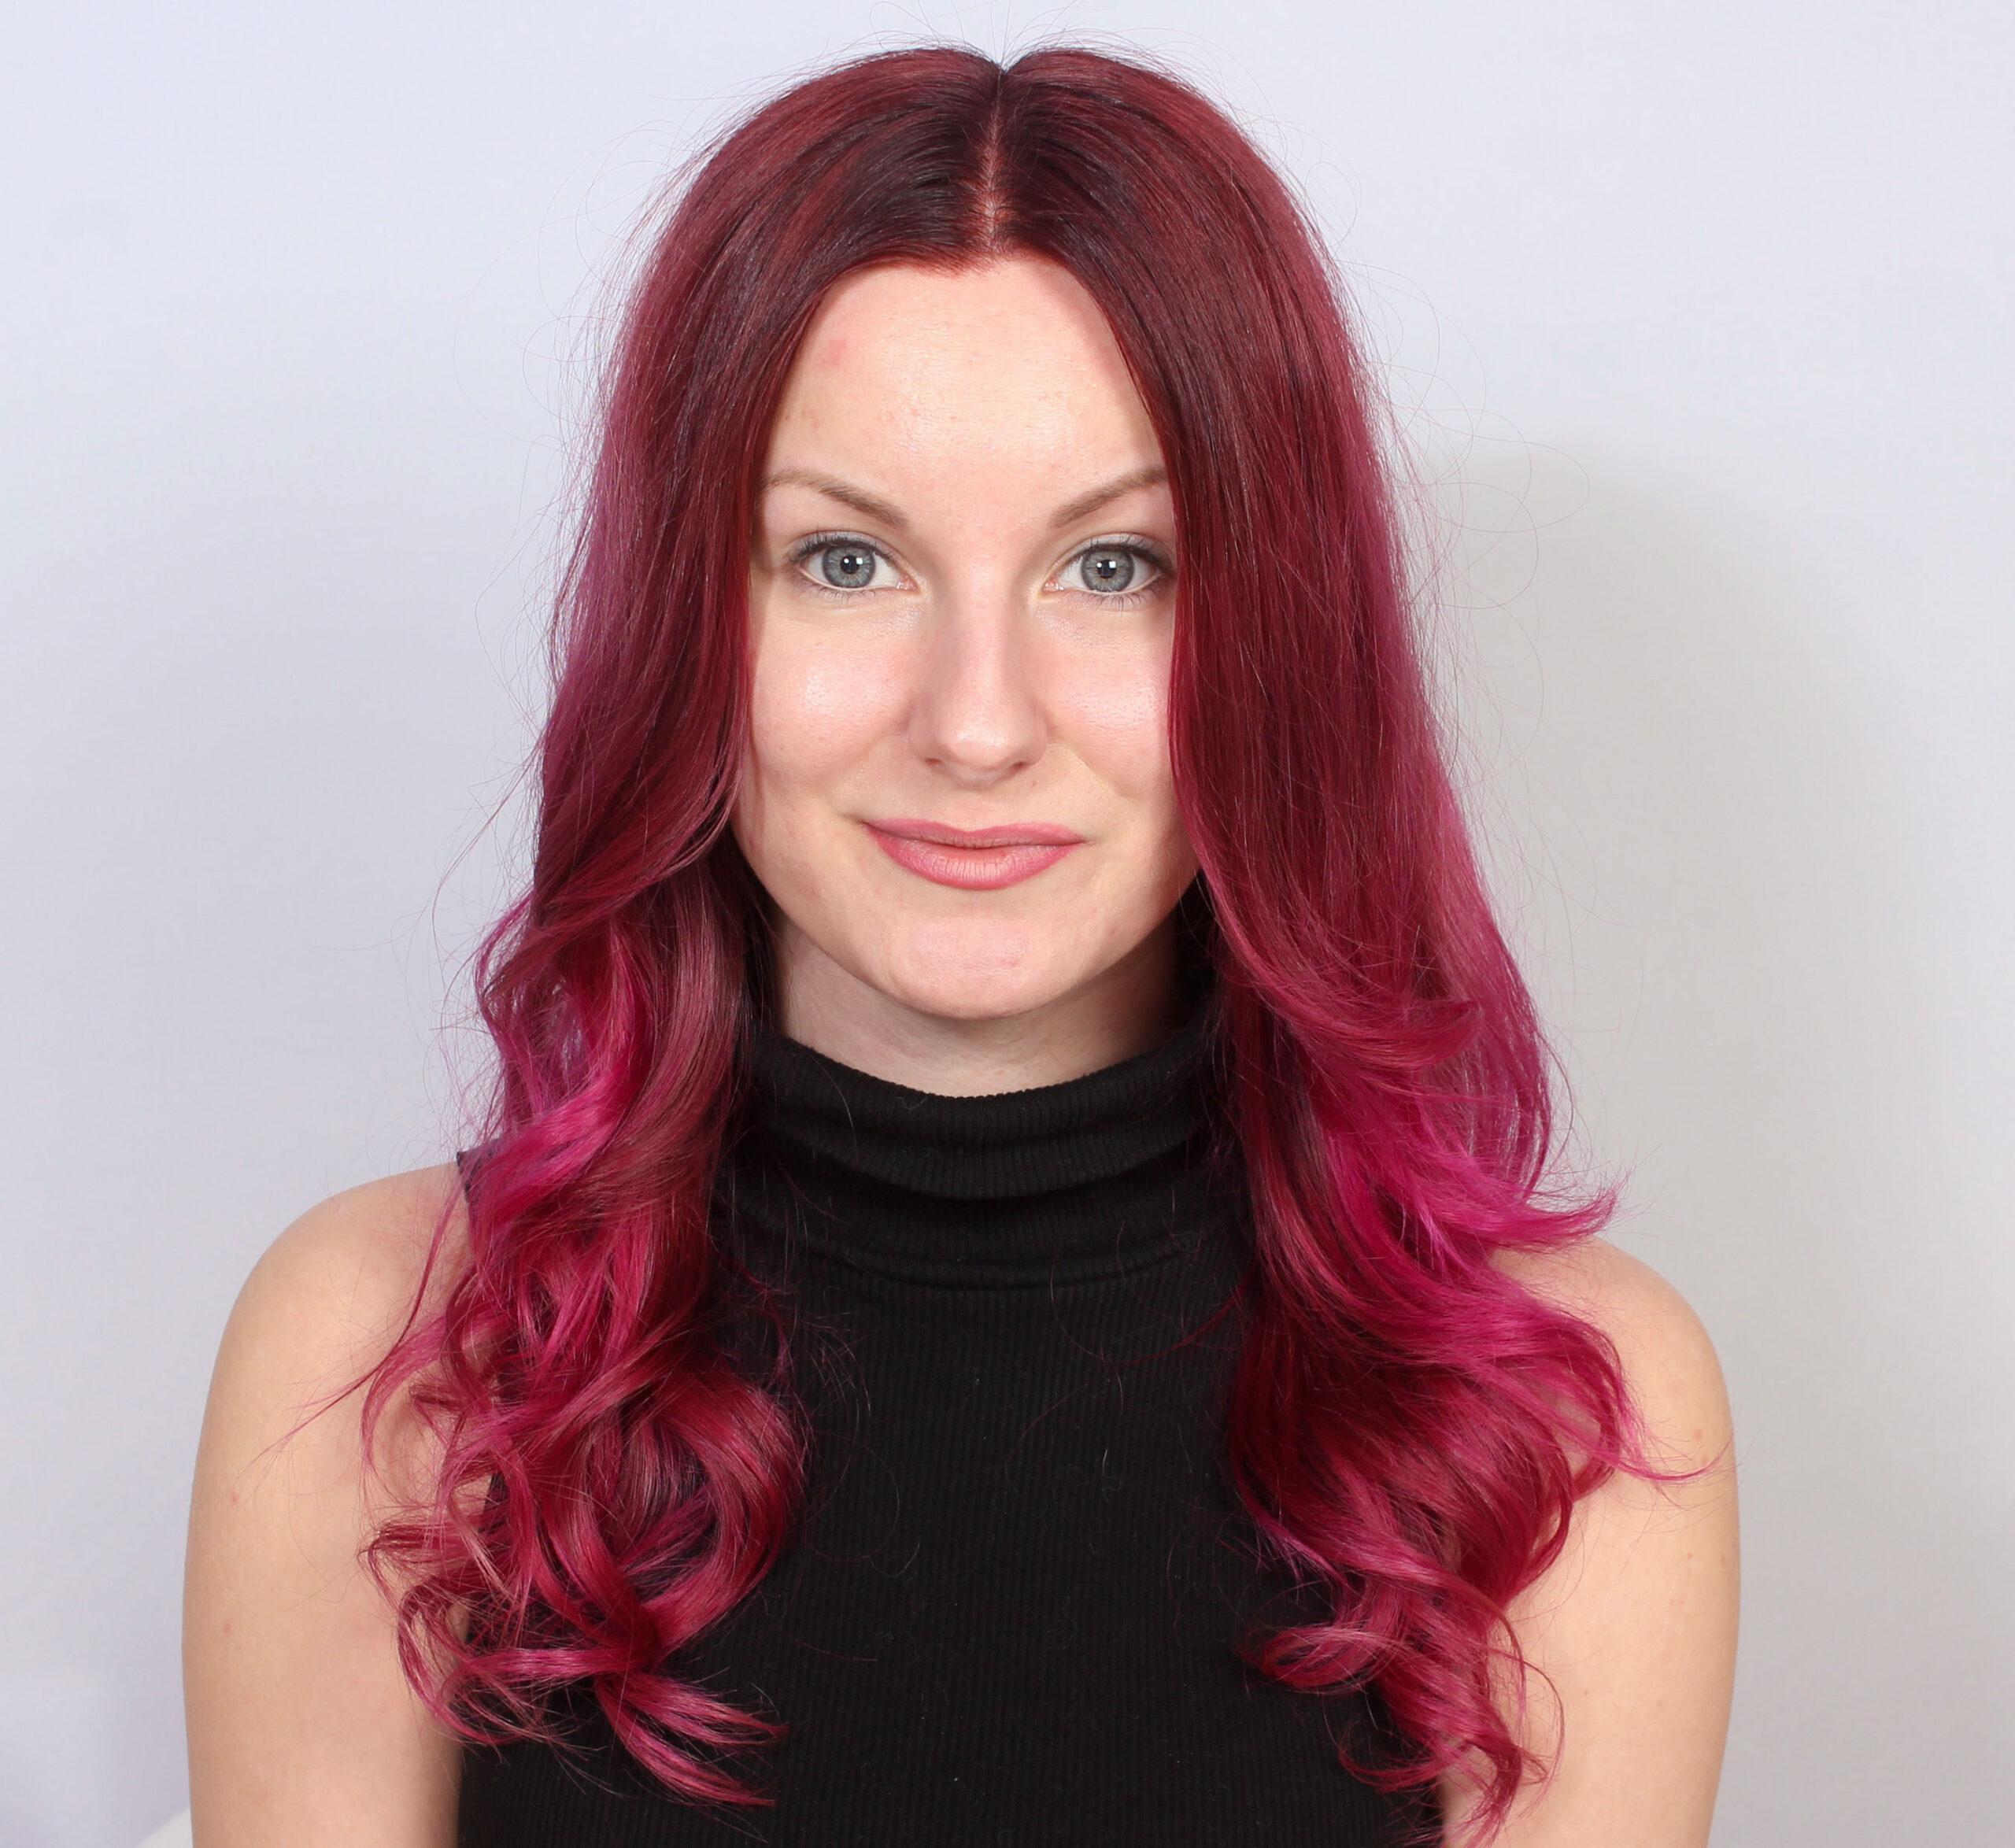 rosa färg till håret